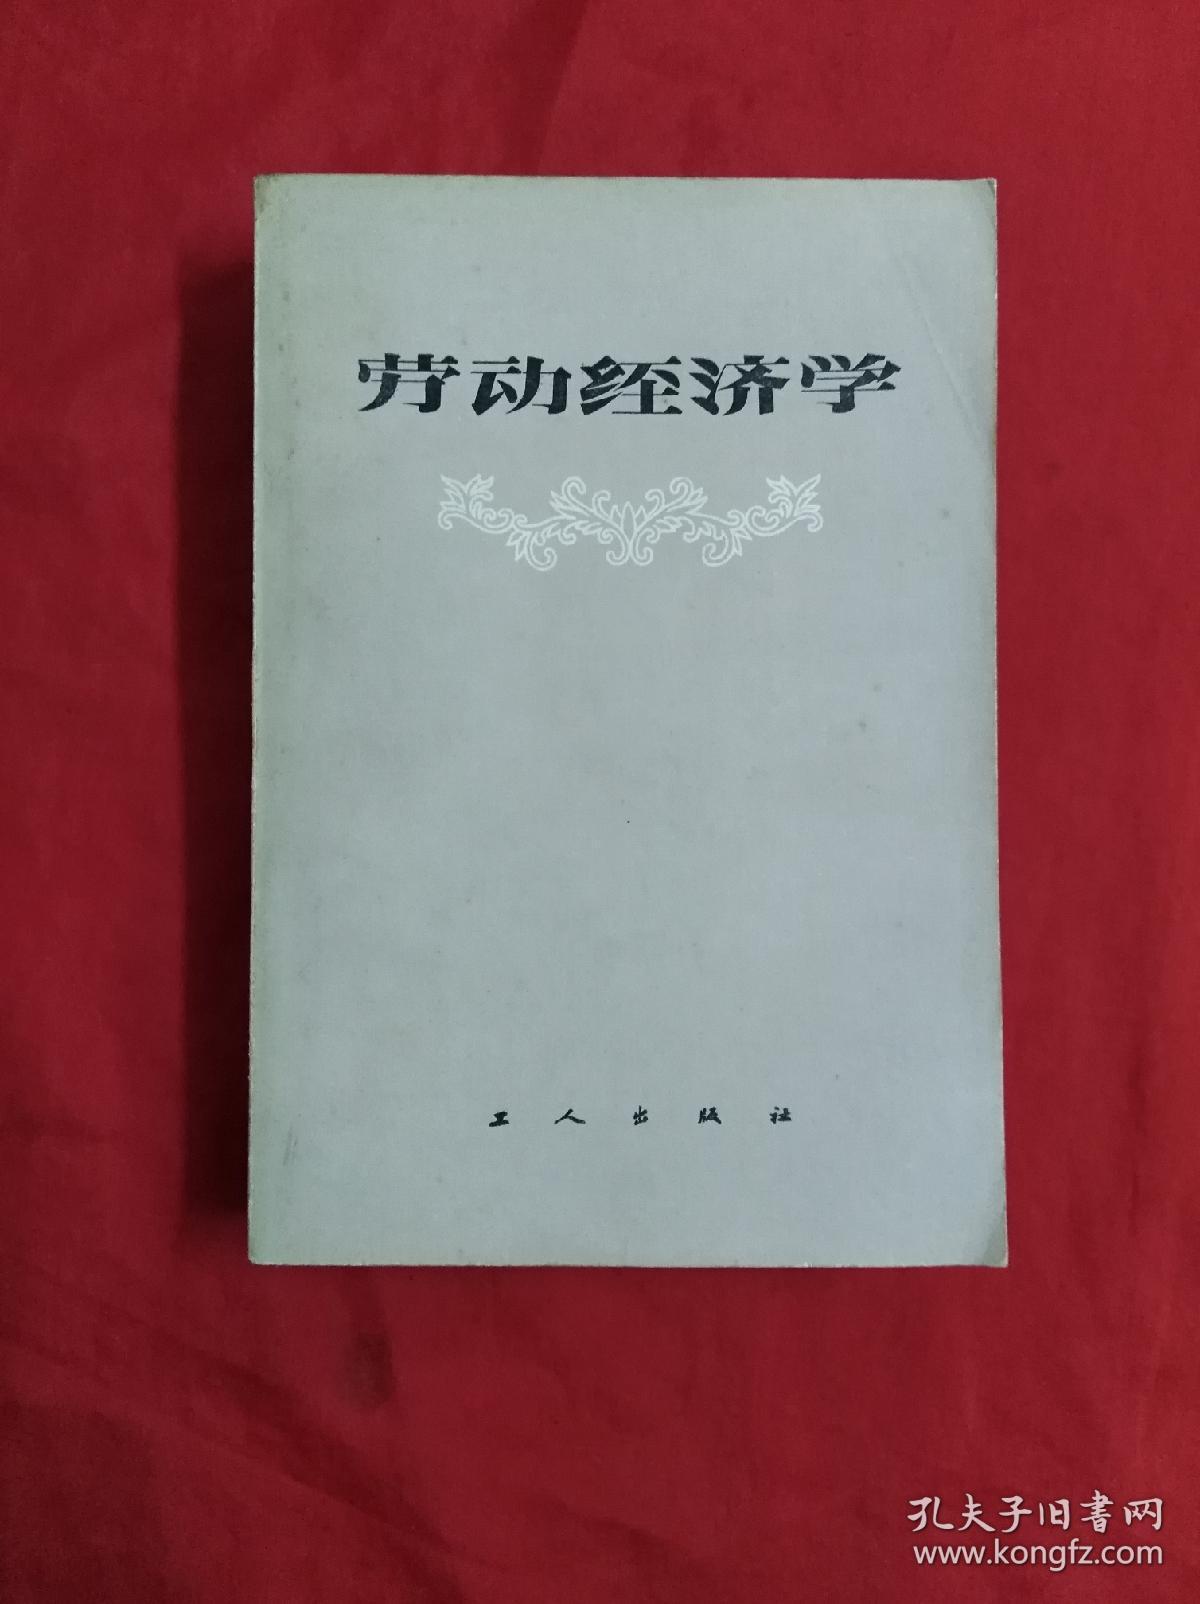 劳动经济学(05柜)